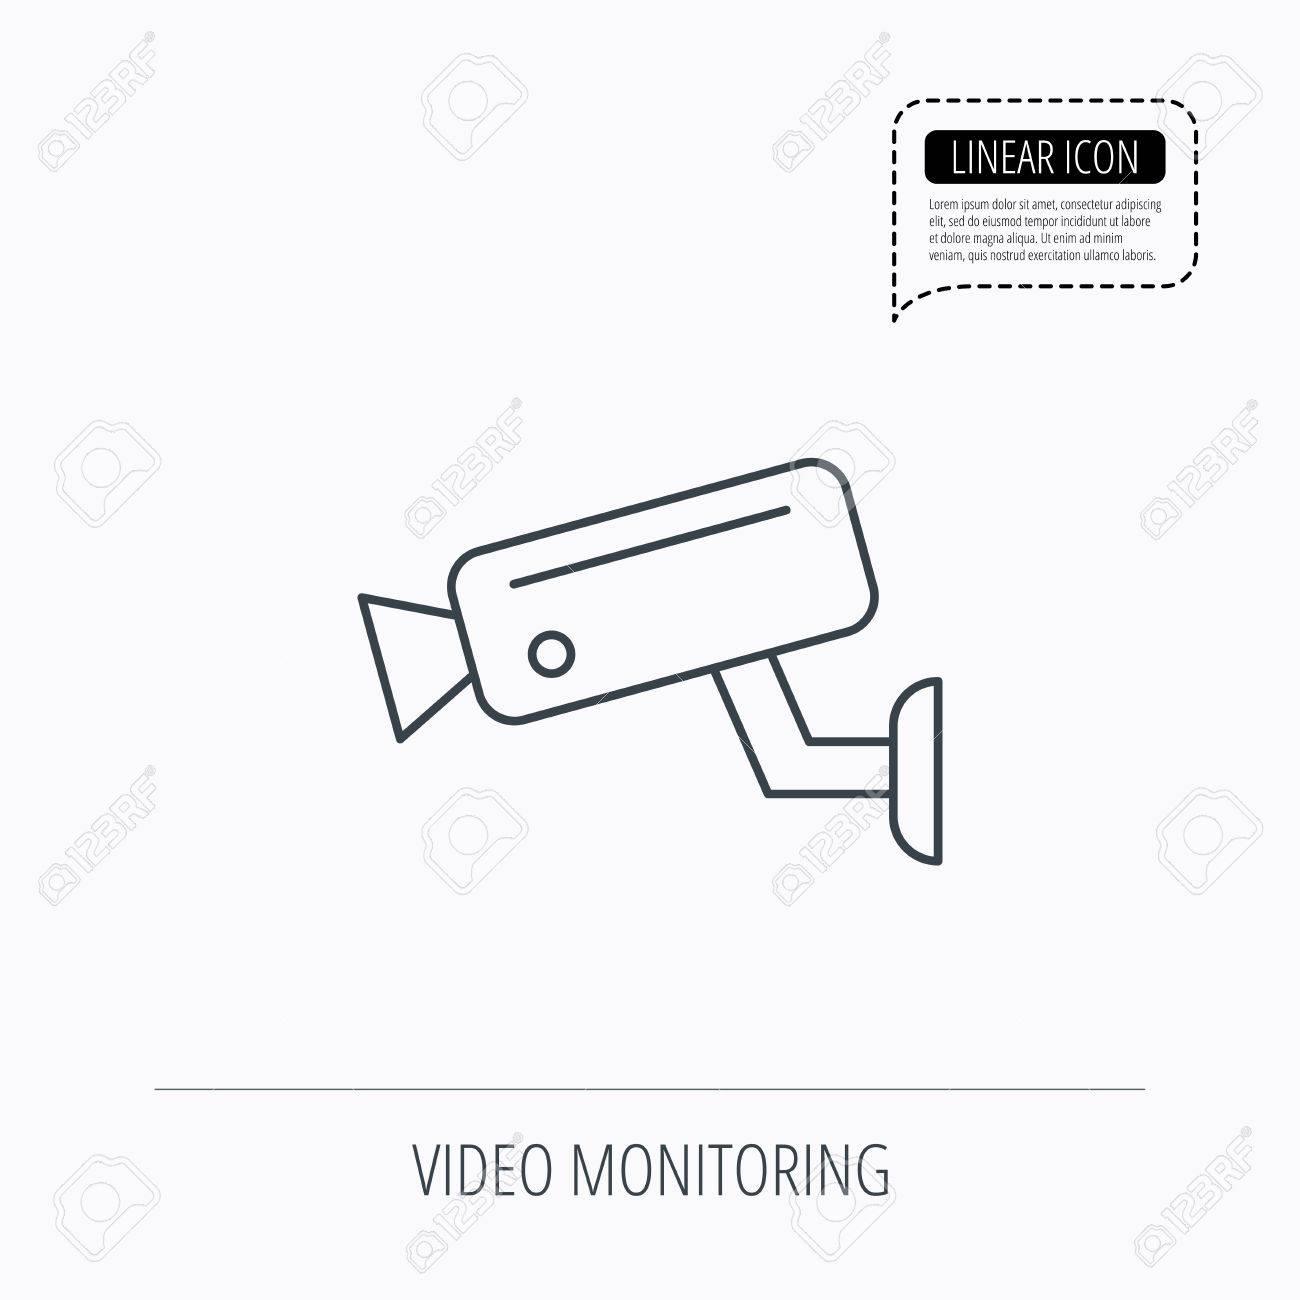 Circuito Lineal : Icono de monitorización de vídeo señal de circuito cerrado de